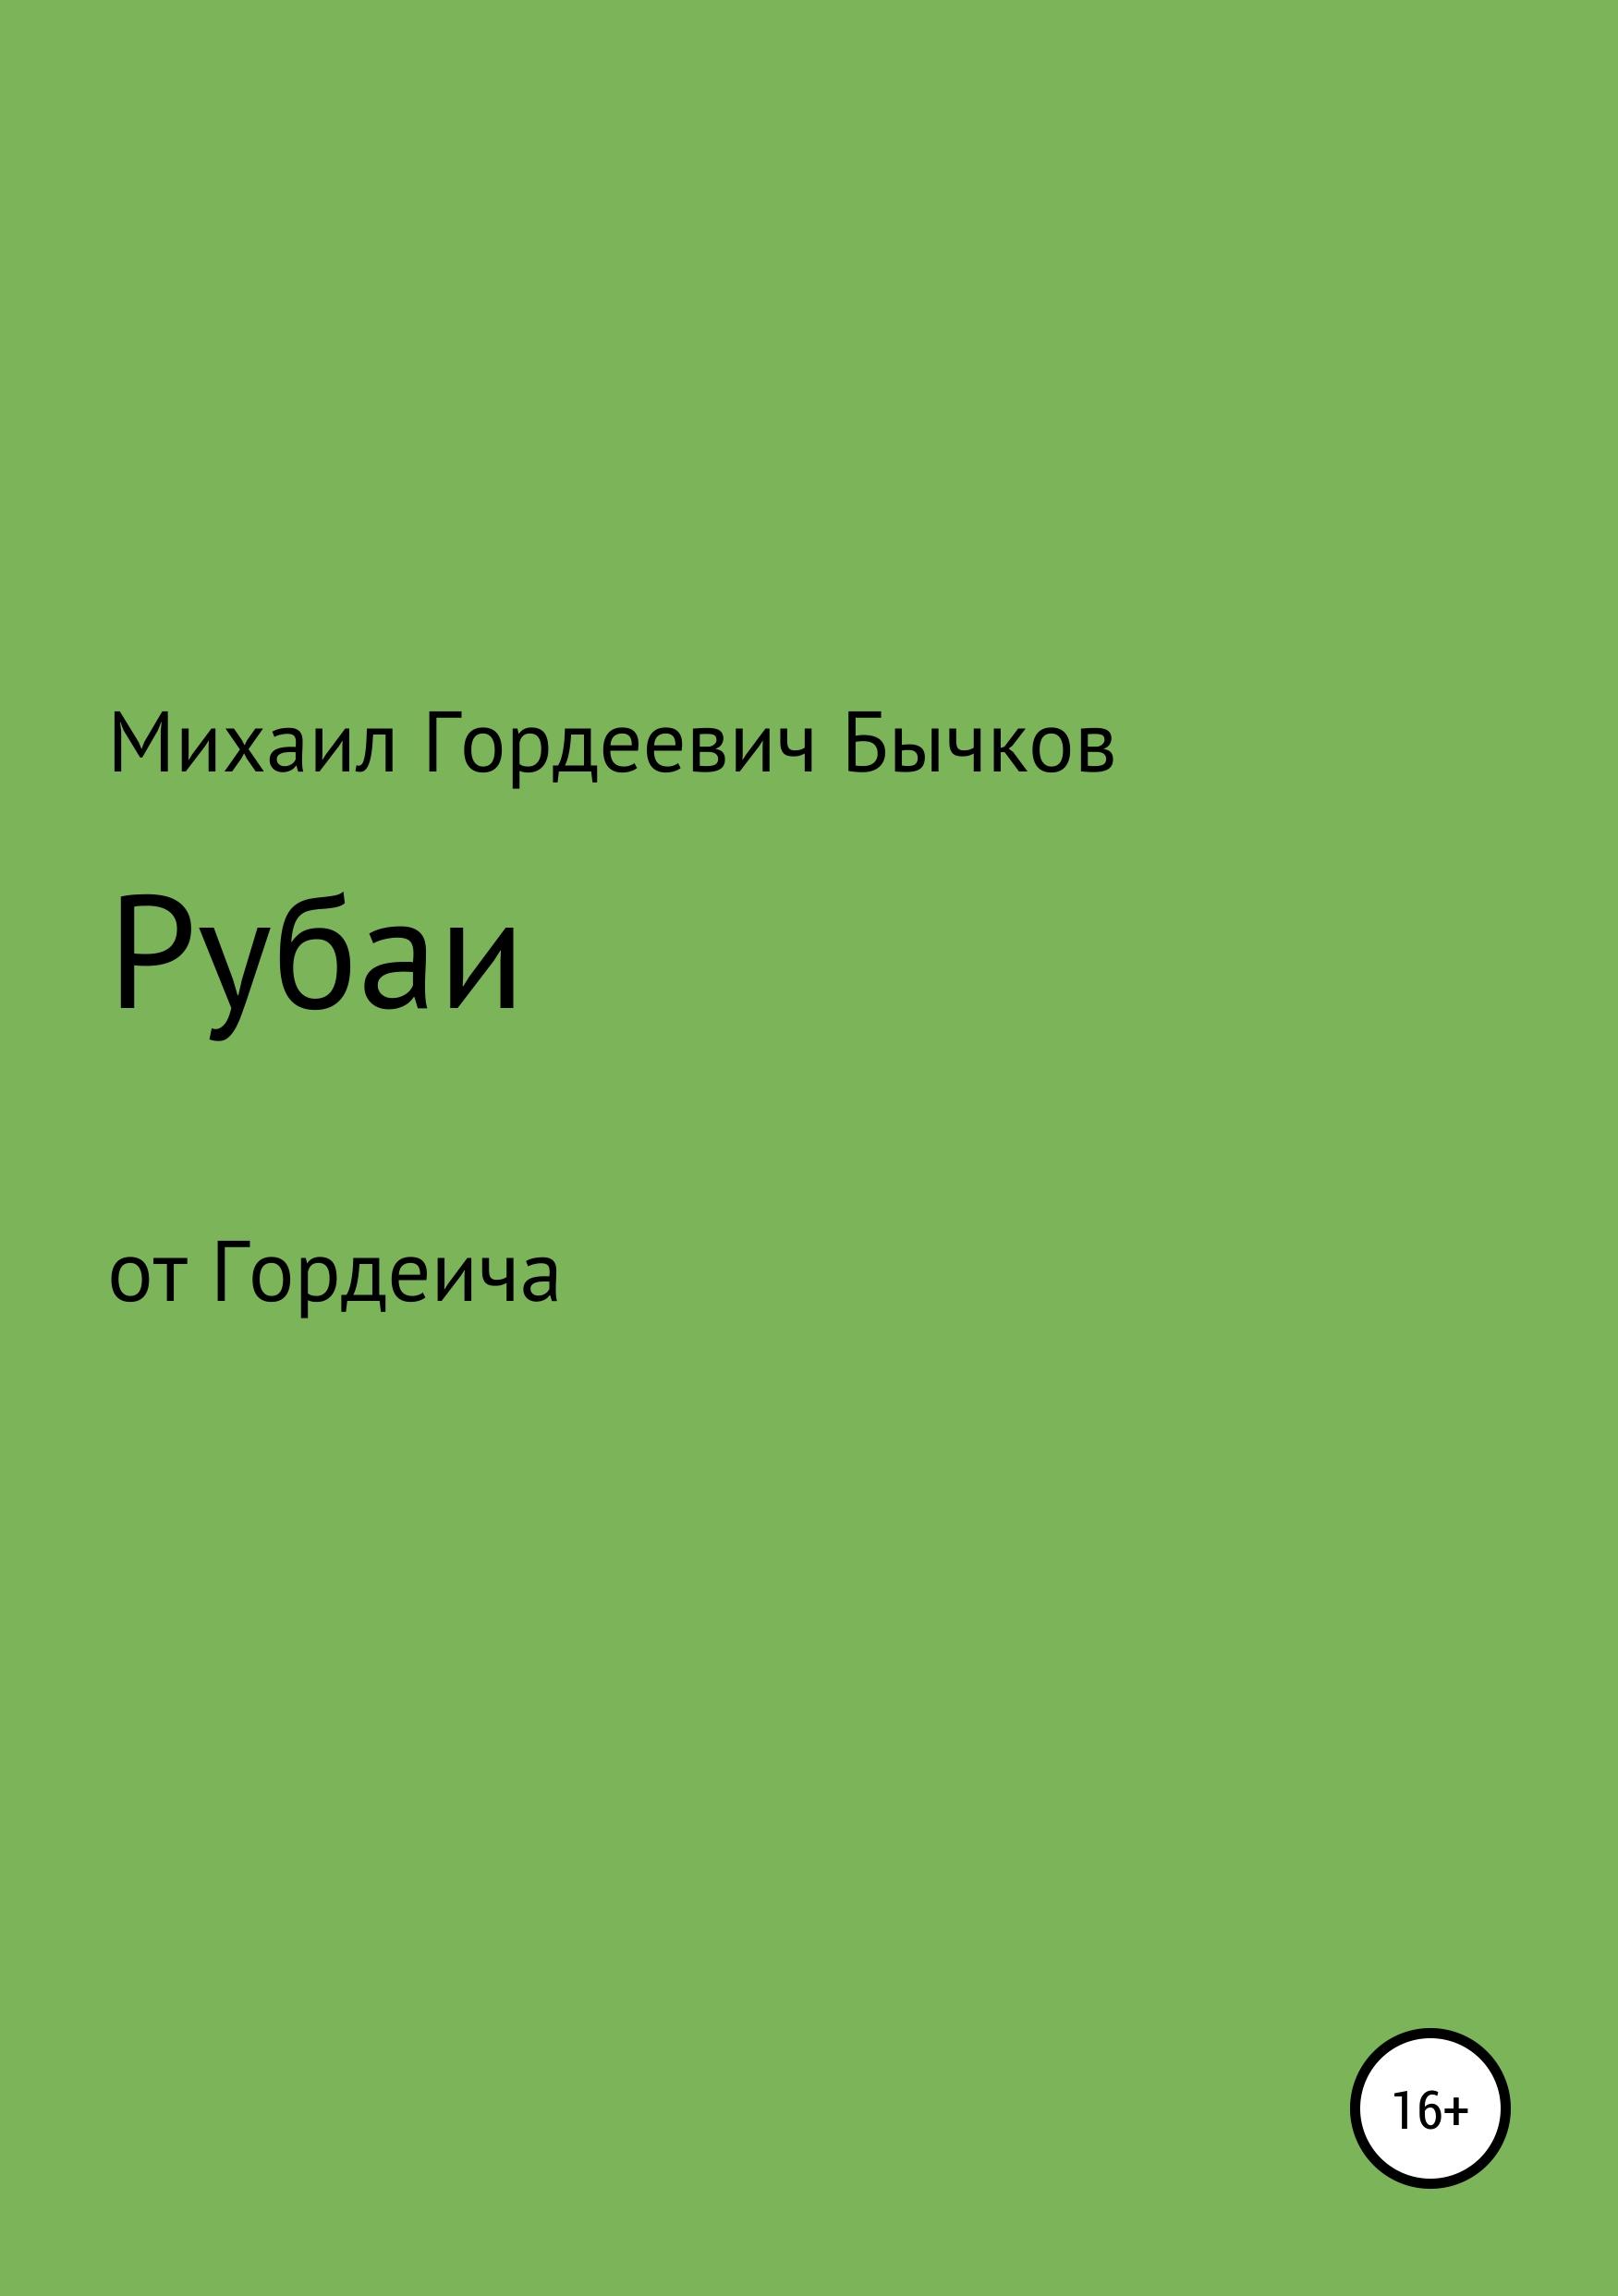 Михаил Гордеевич Бычков Рубаи михаил гордеевич бычков северное сияние